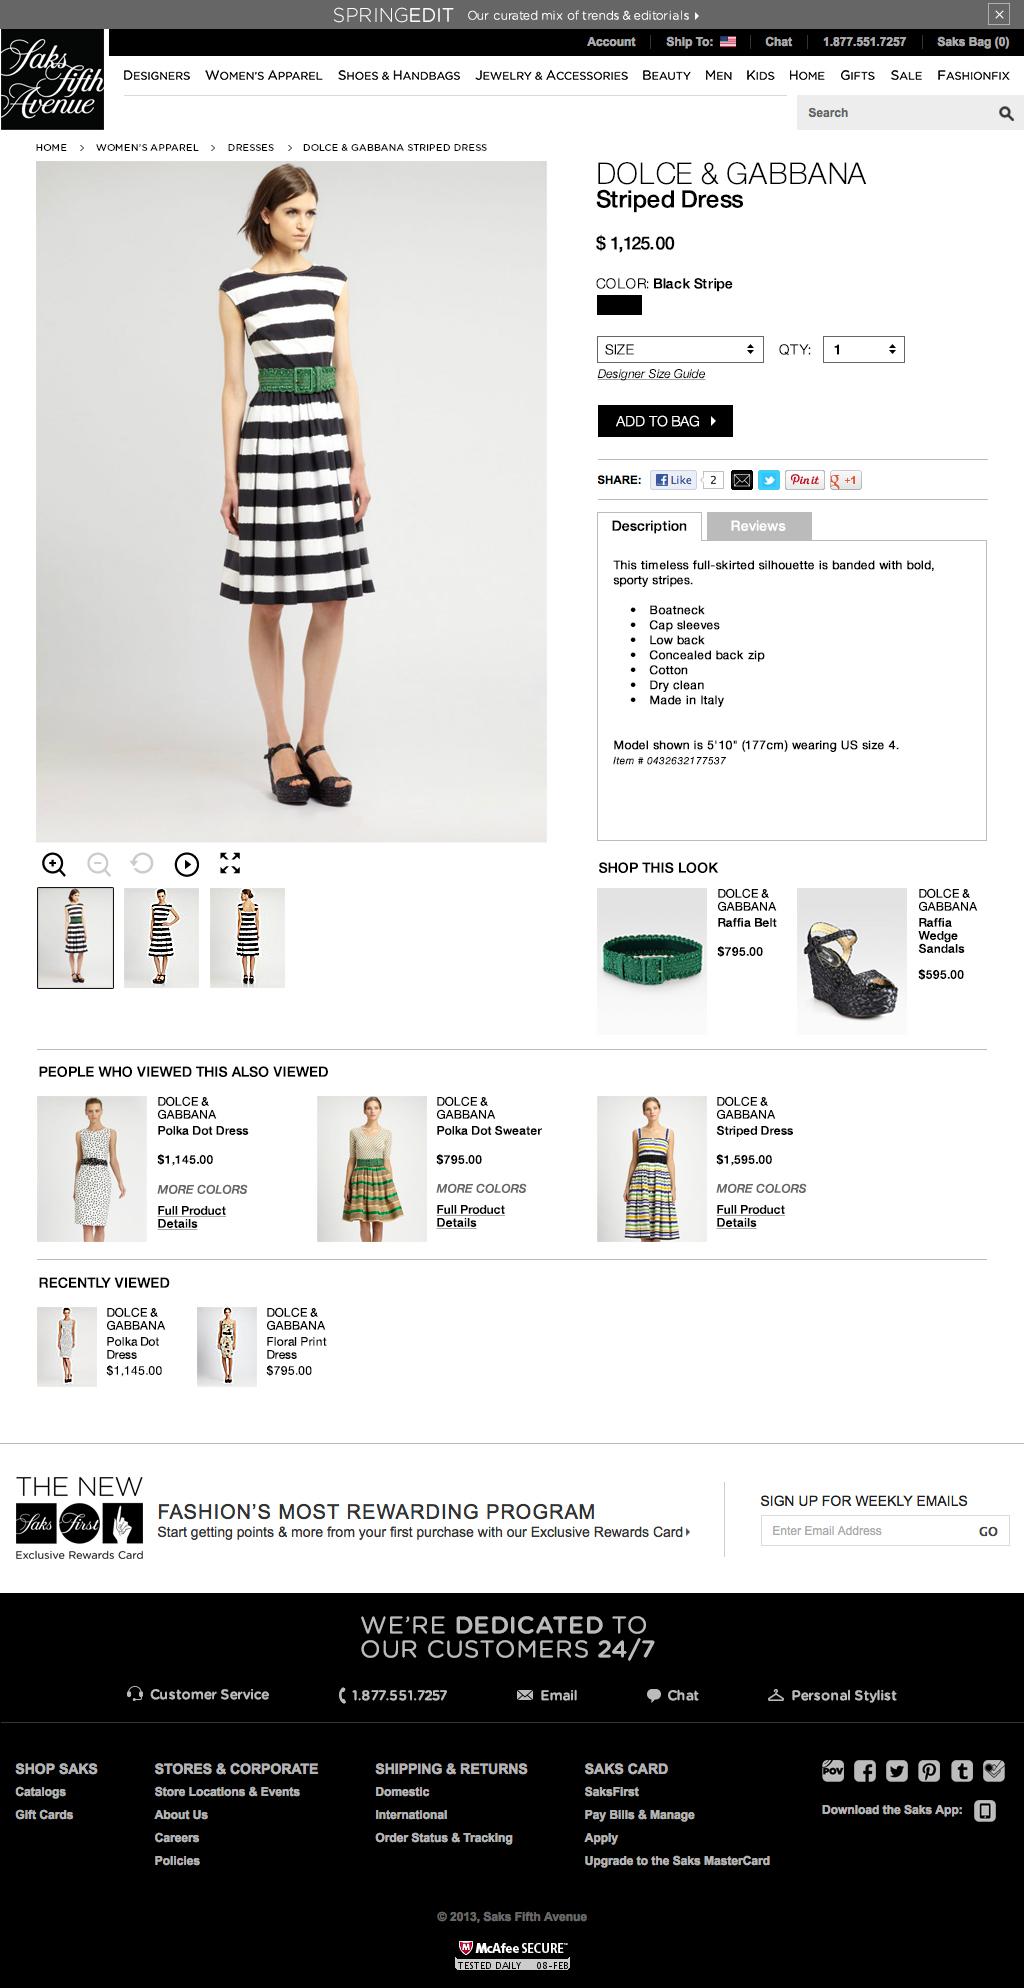 Saks Fifth Avenue - Website Comp